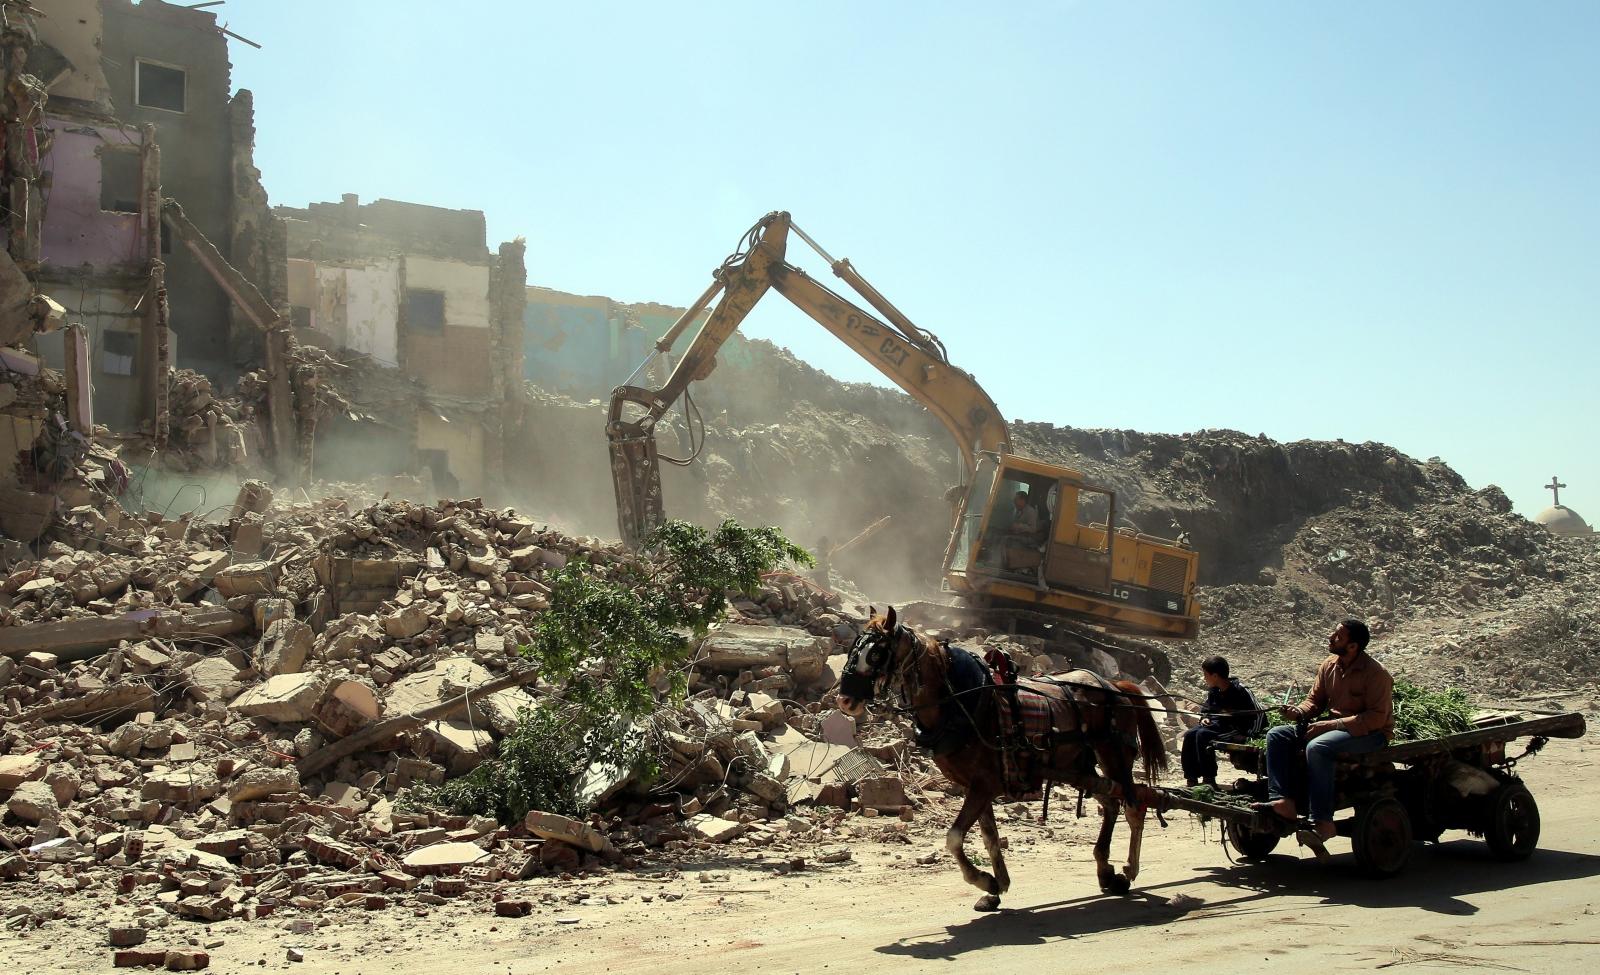 Niszczenie nielegalnych slumsów Tal al-Akareb w pobliżu Kairu, Egipt.